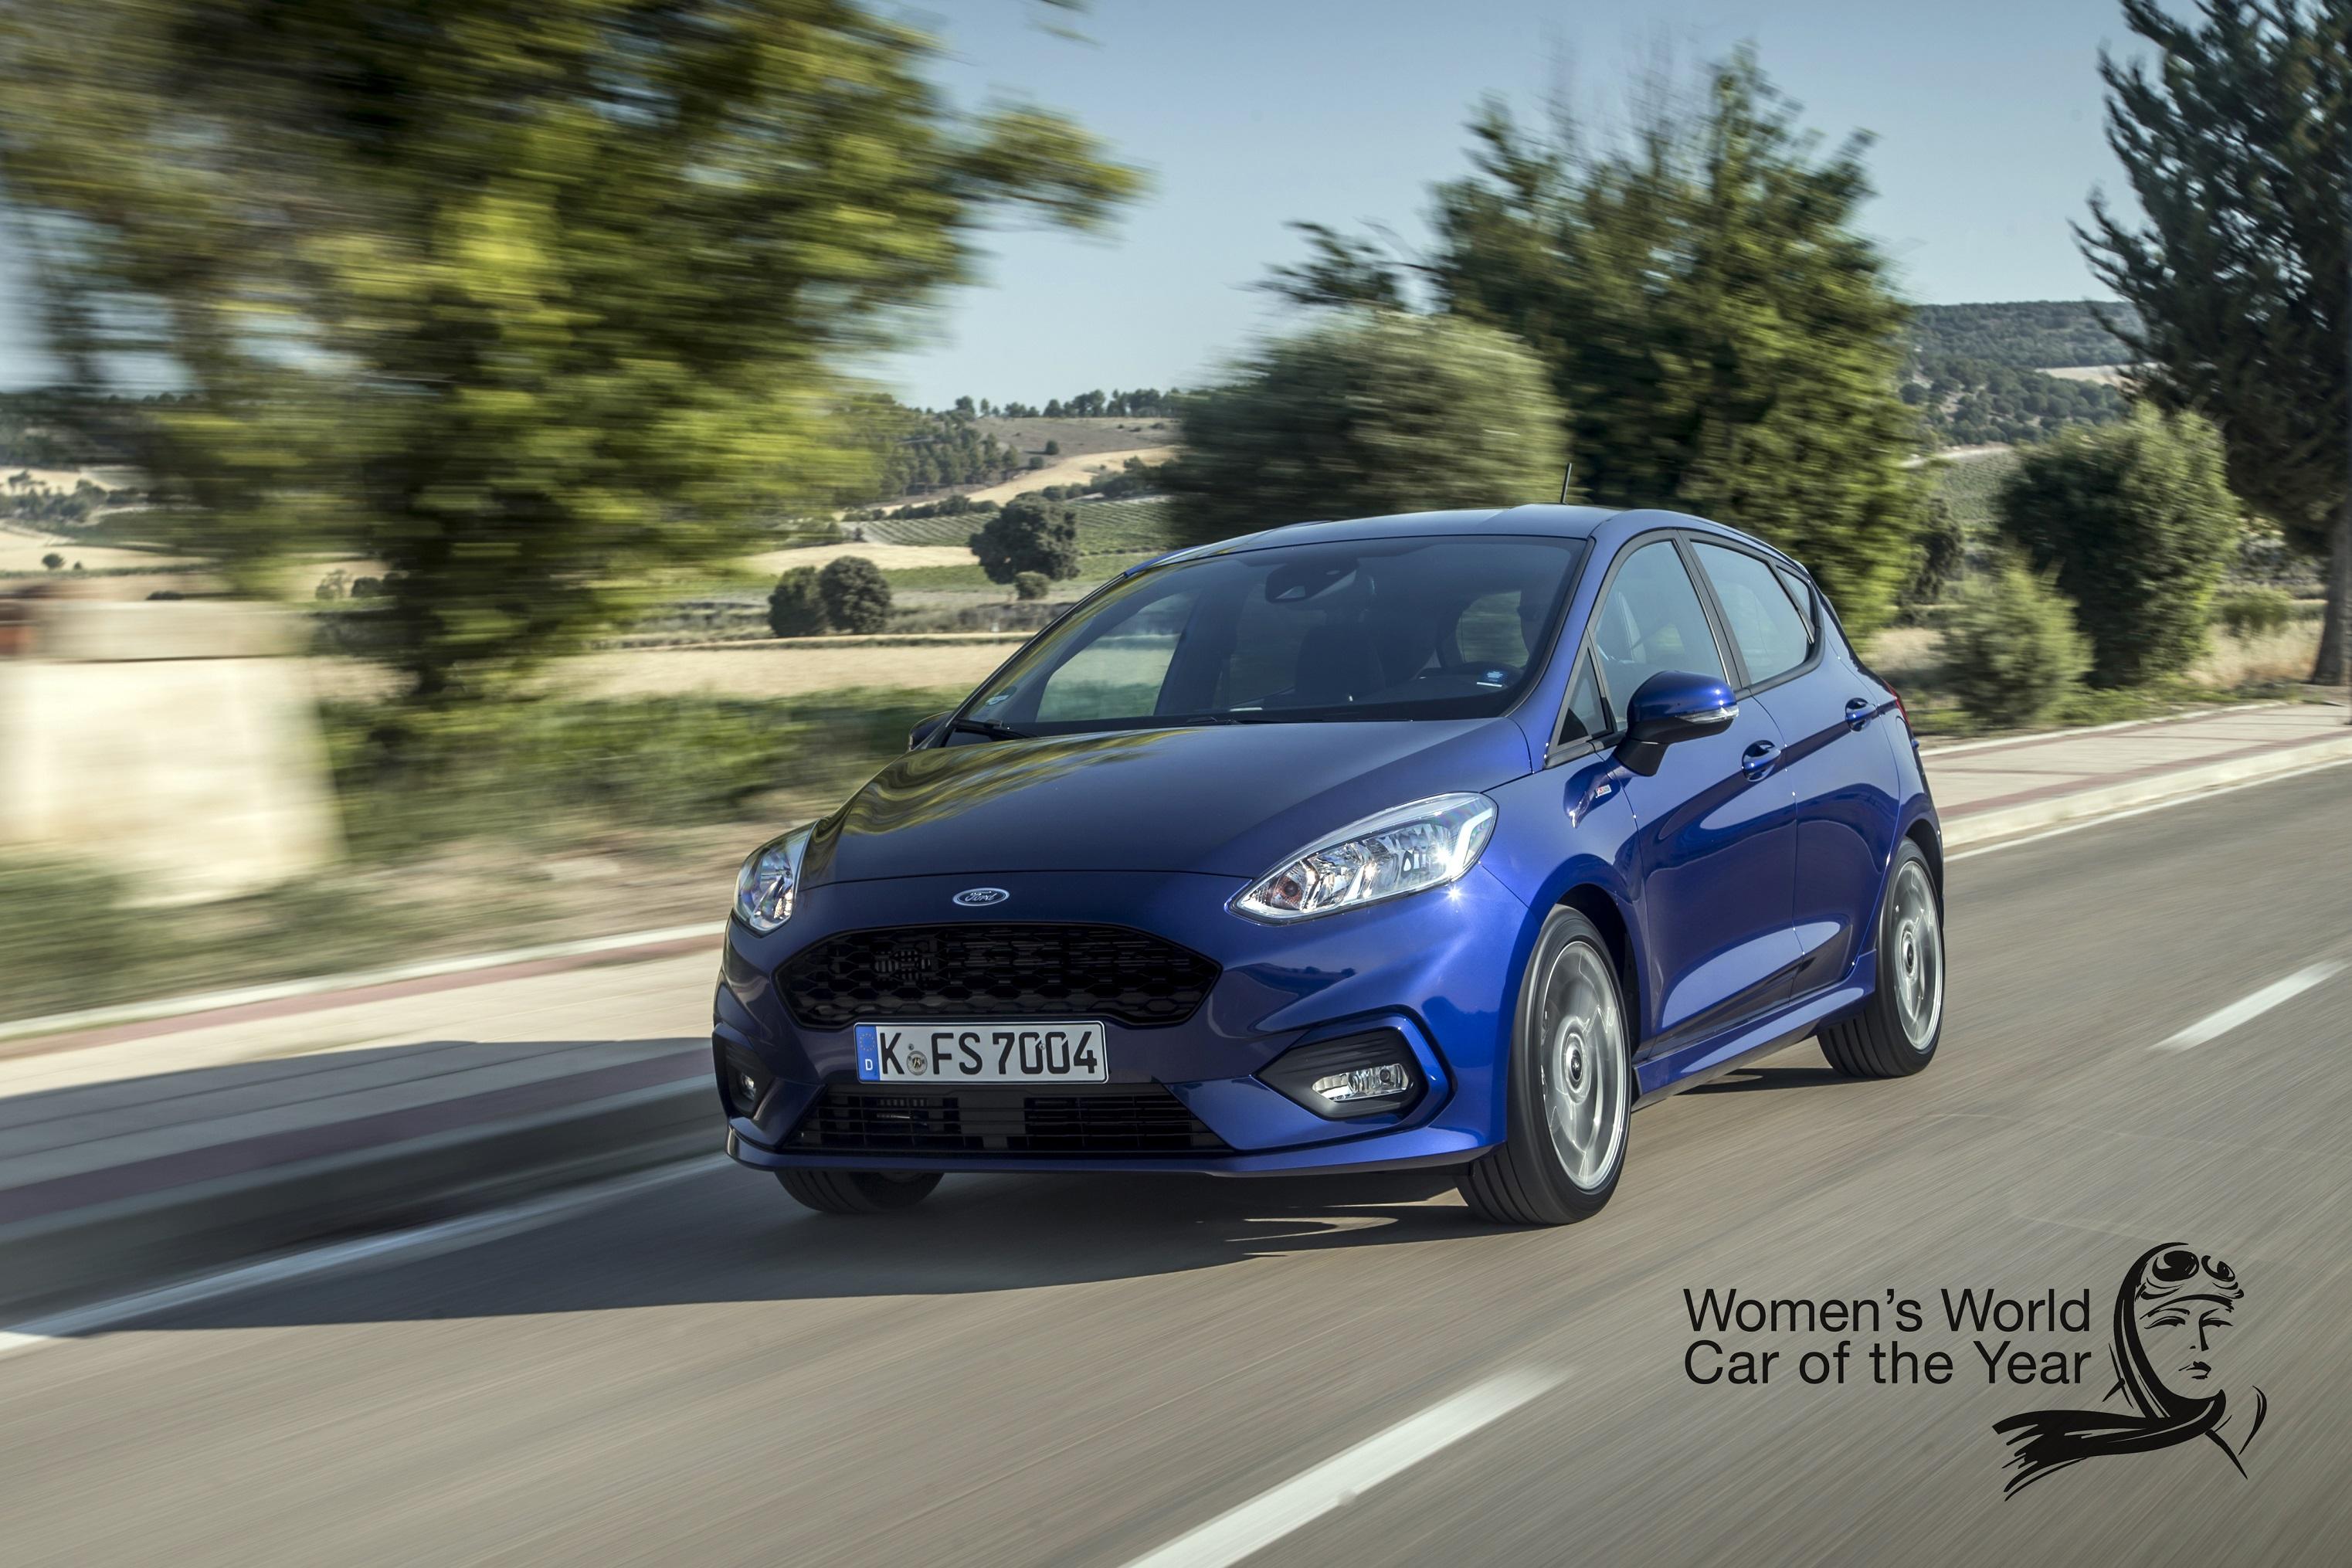 Neuer Ford Fiesta Ist QuotWomen039s World Car